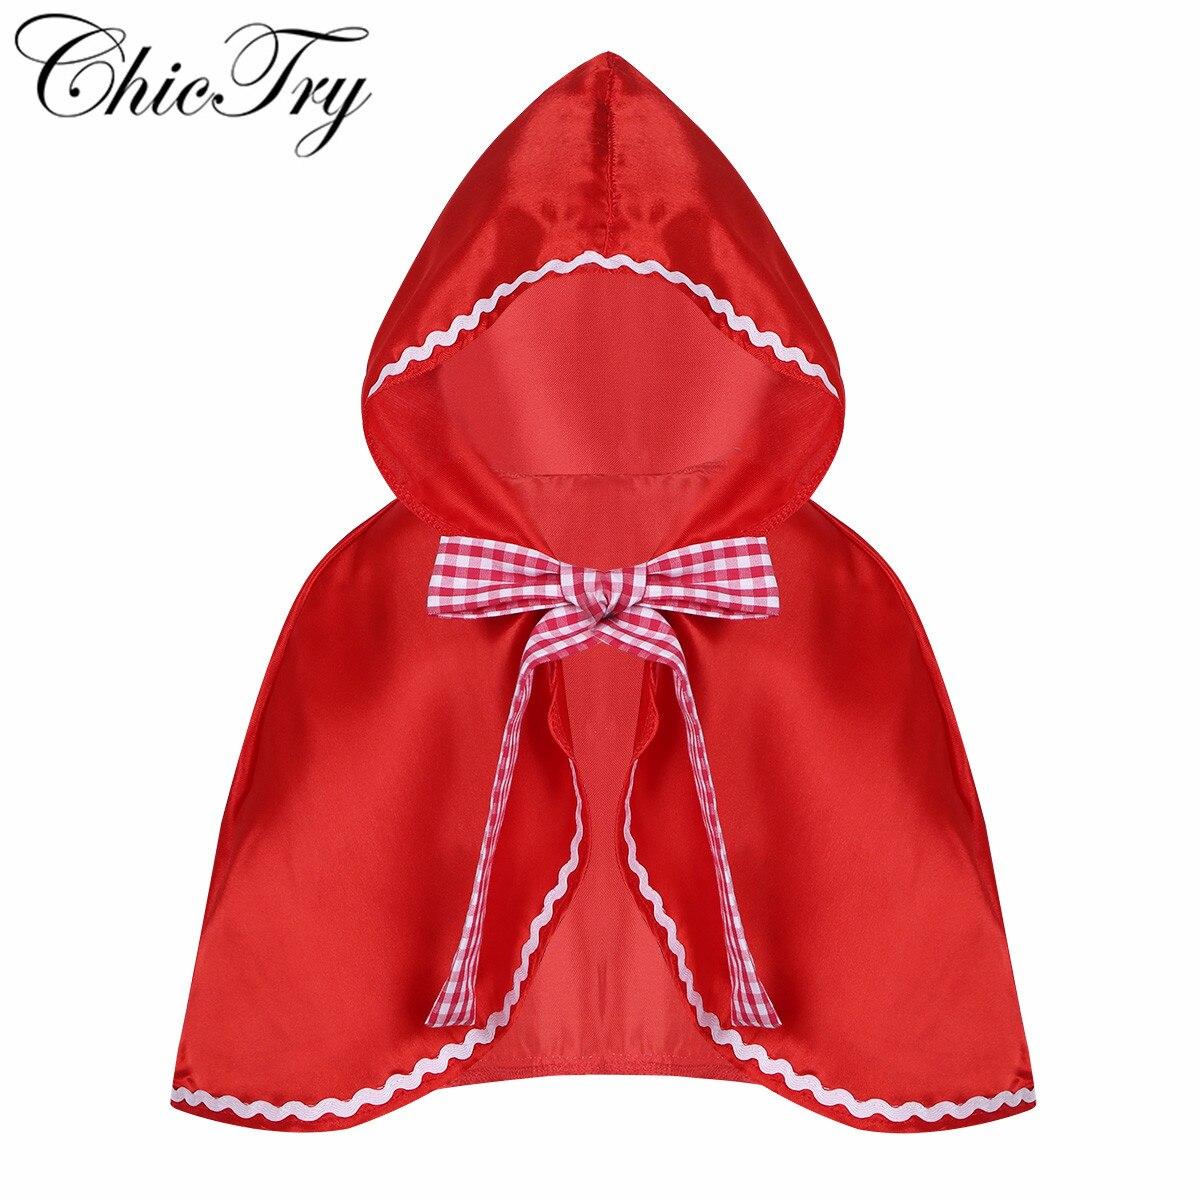 Little Red Riding Hood Costume Cape Dress Up Halloween Cloak Cosplay Princess Cloak Coar For Toddler Little Kids Teenage Girls